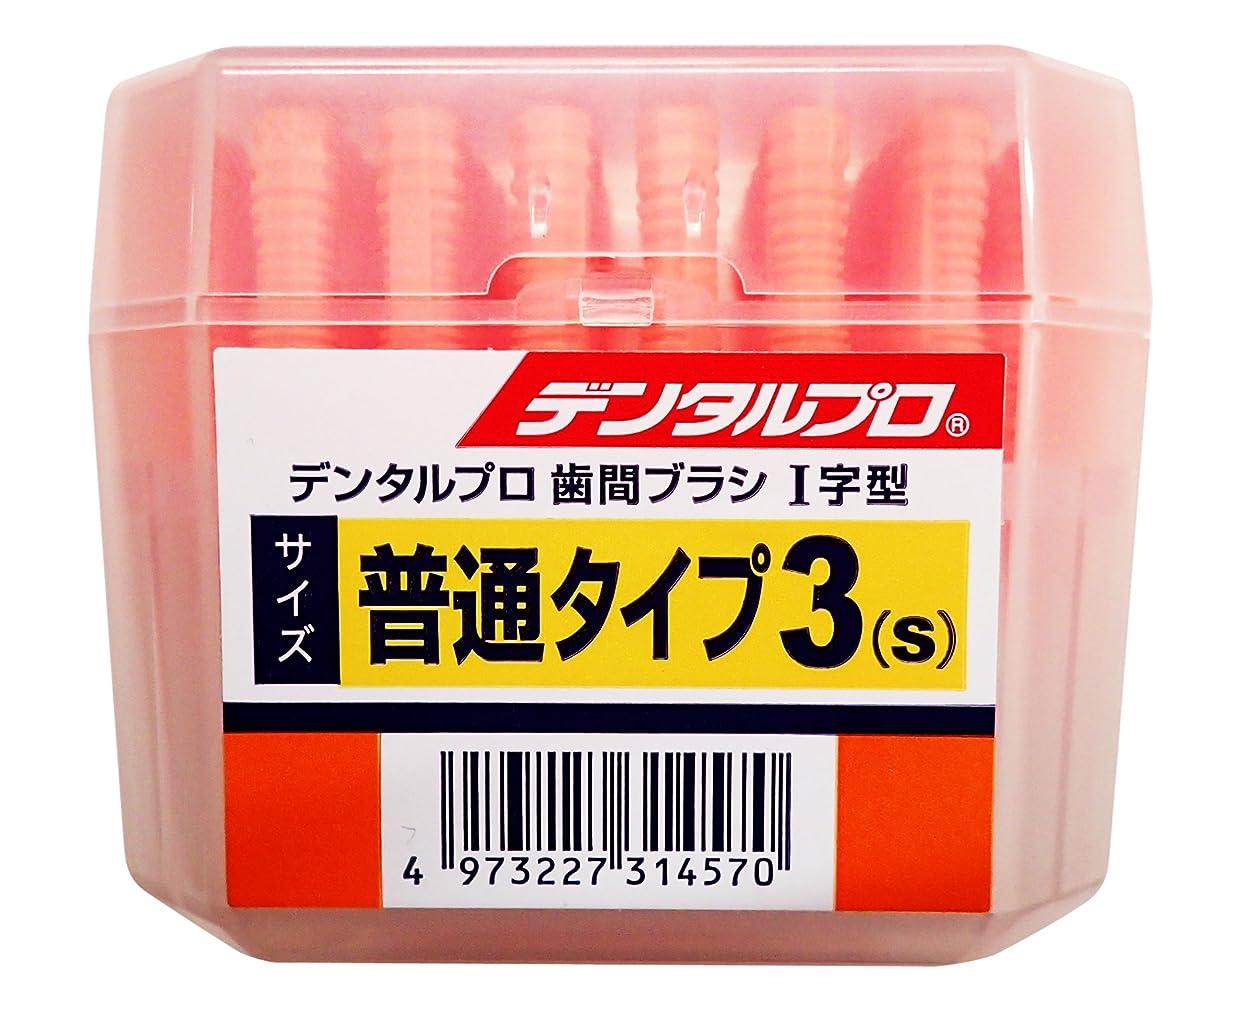 ブロックする音声蒸留デンタルプロ 歯間ブラシ I字型 普通タイプ サイズ3(S) 50本入